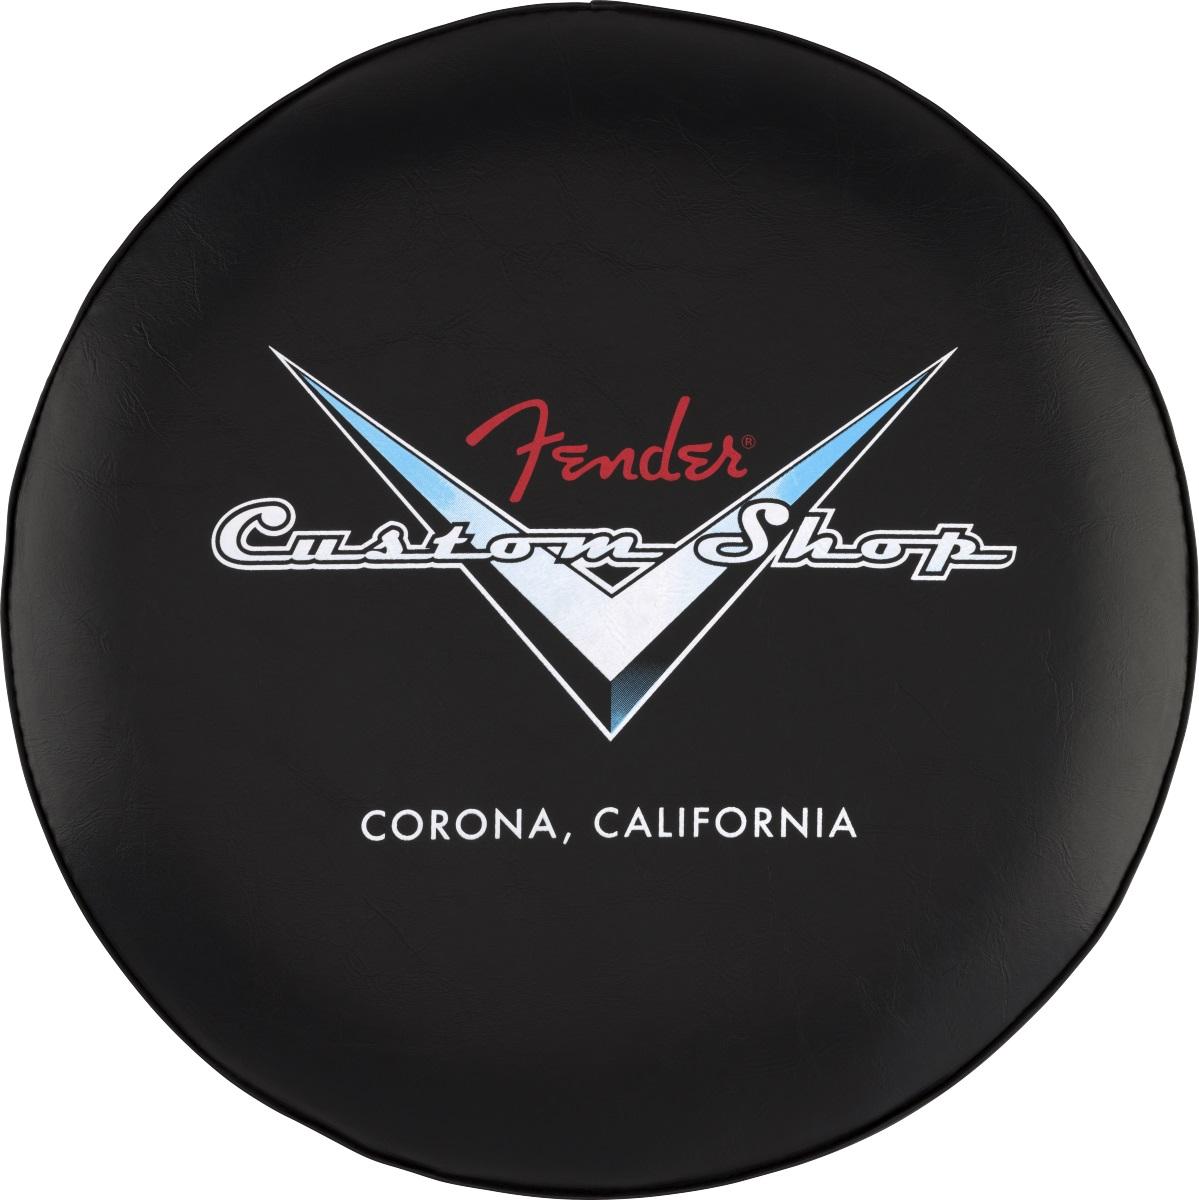 Fender Custom Shop Barstol 30